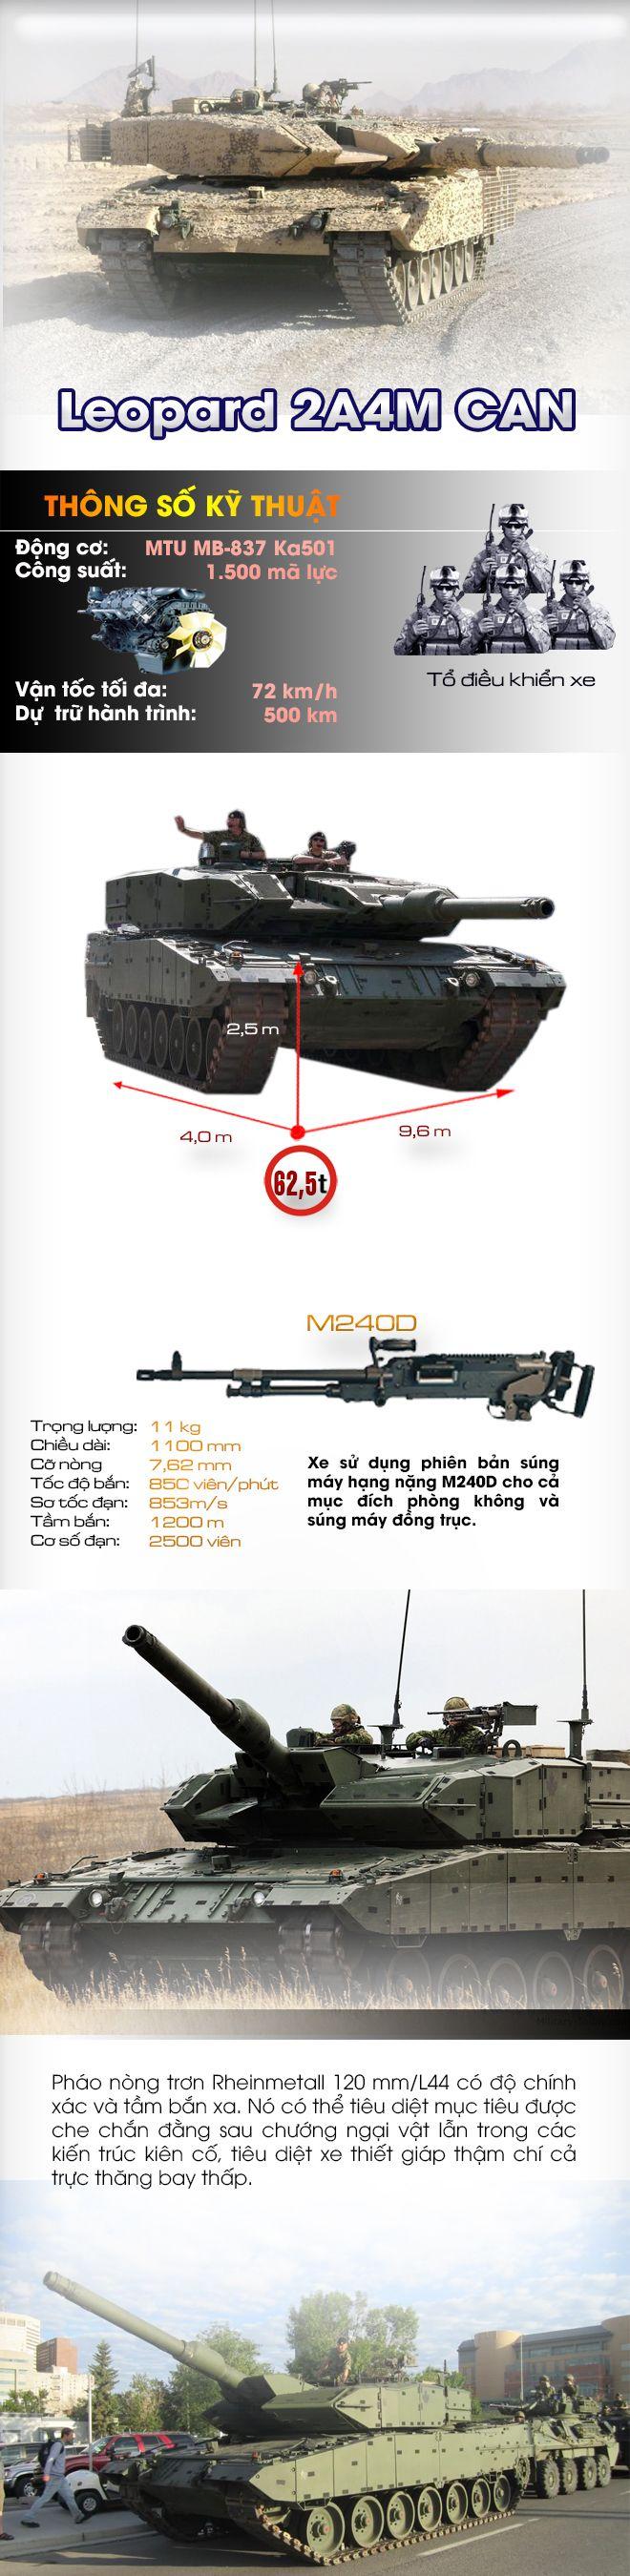 Khám phá sức mạnh phiên bản xe tăng Leopard đặc biệt của Canada.